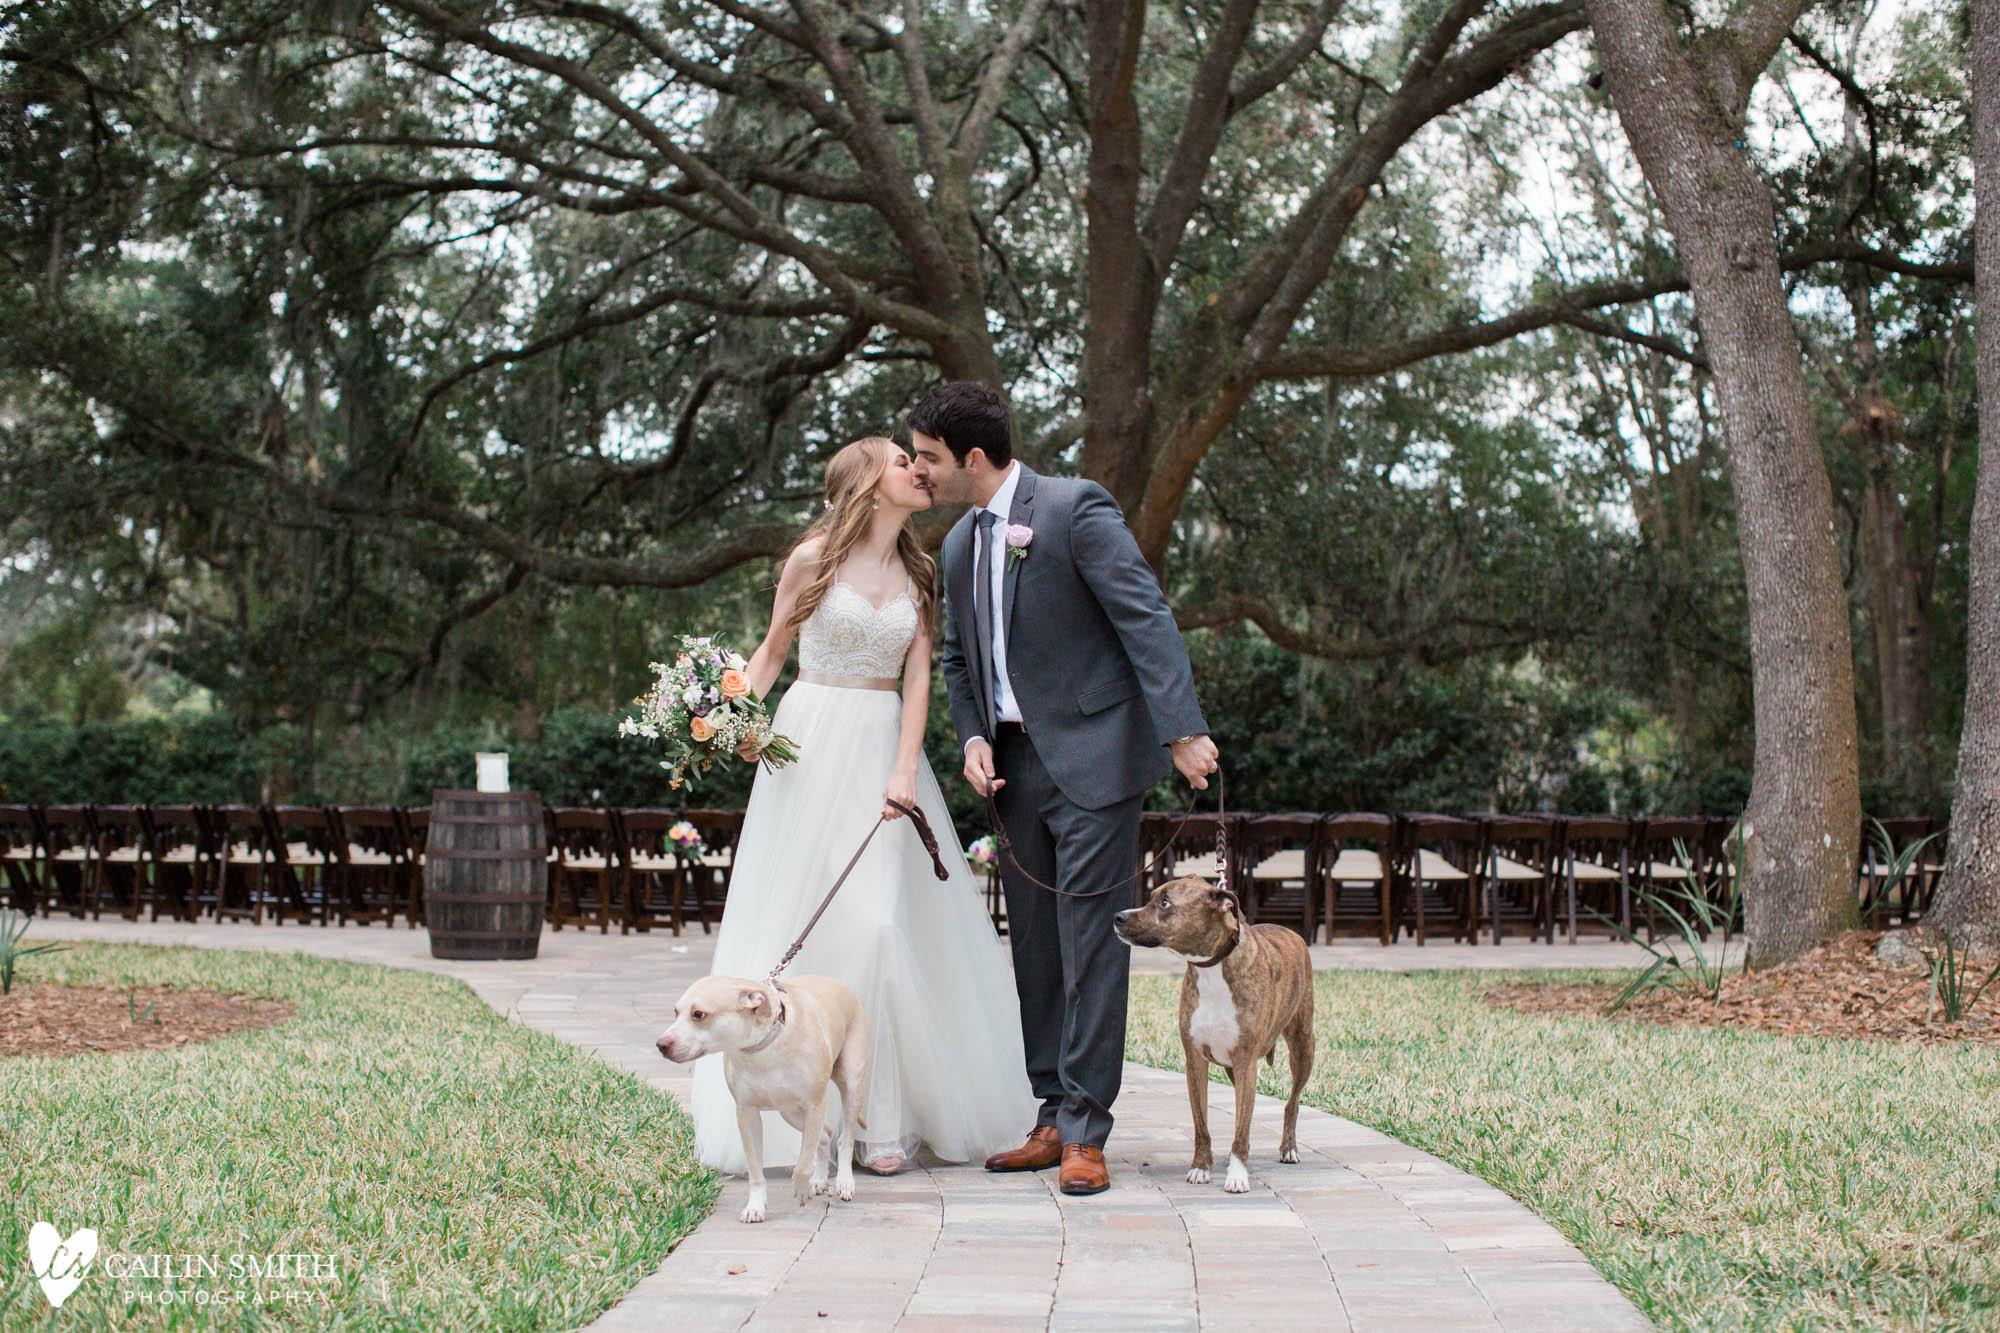 Sylvia_Anthony_Bowing_Oaks_Plantation_Wedding_Photography_0071.jpg